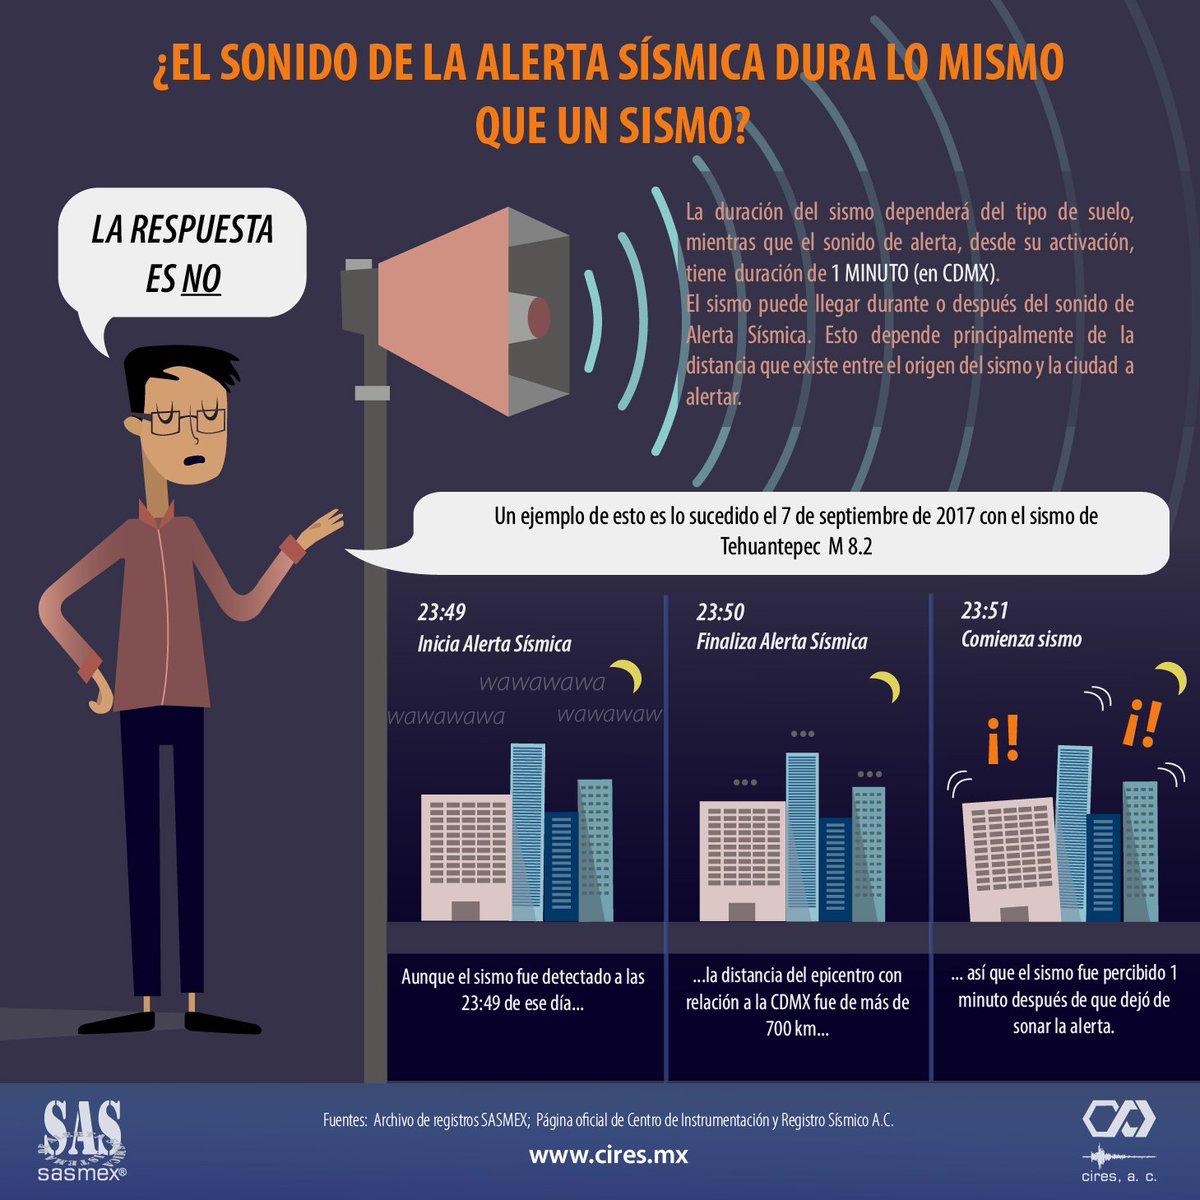 RT @SASMEX: La duración del sonido de #AlertaSísmica en #CDMX  #LaPrevenciónEsNuestraFuerza https://t.co/salV867e4b